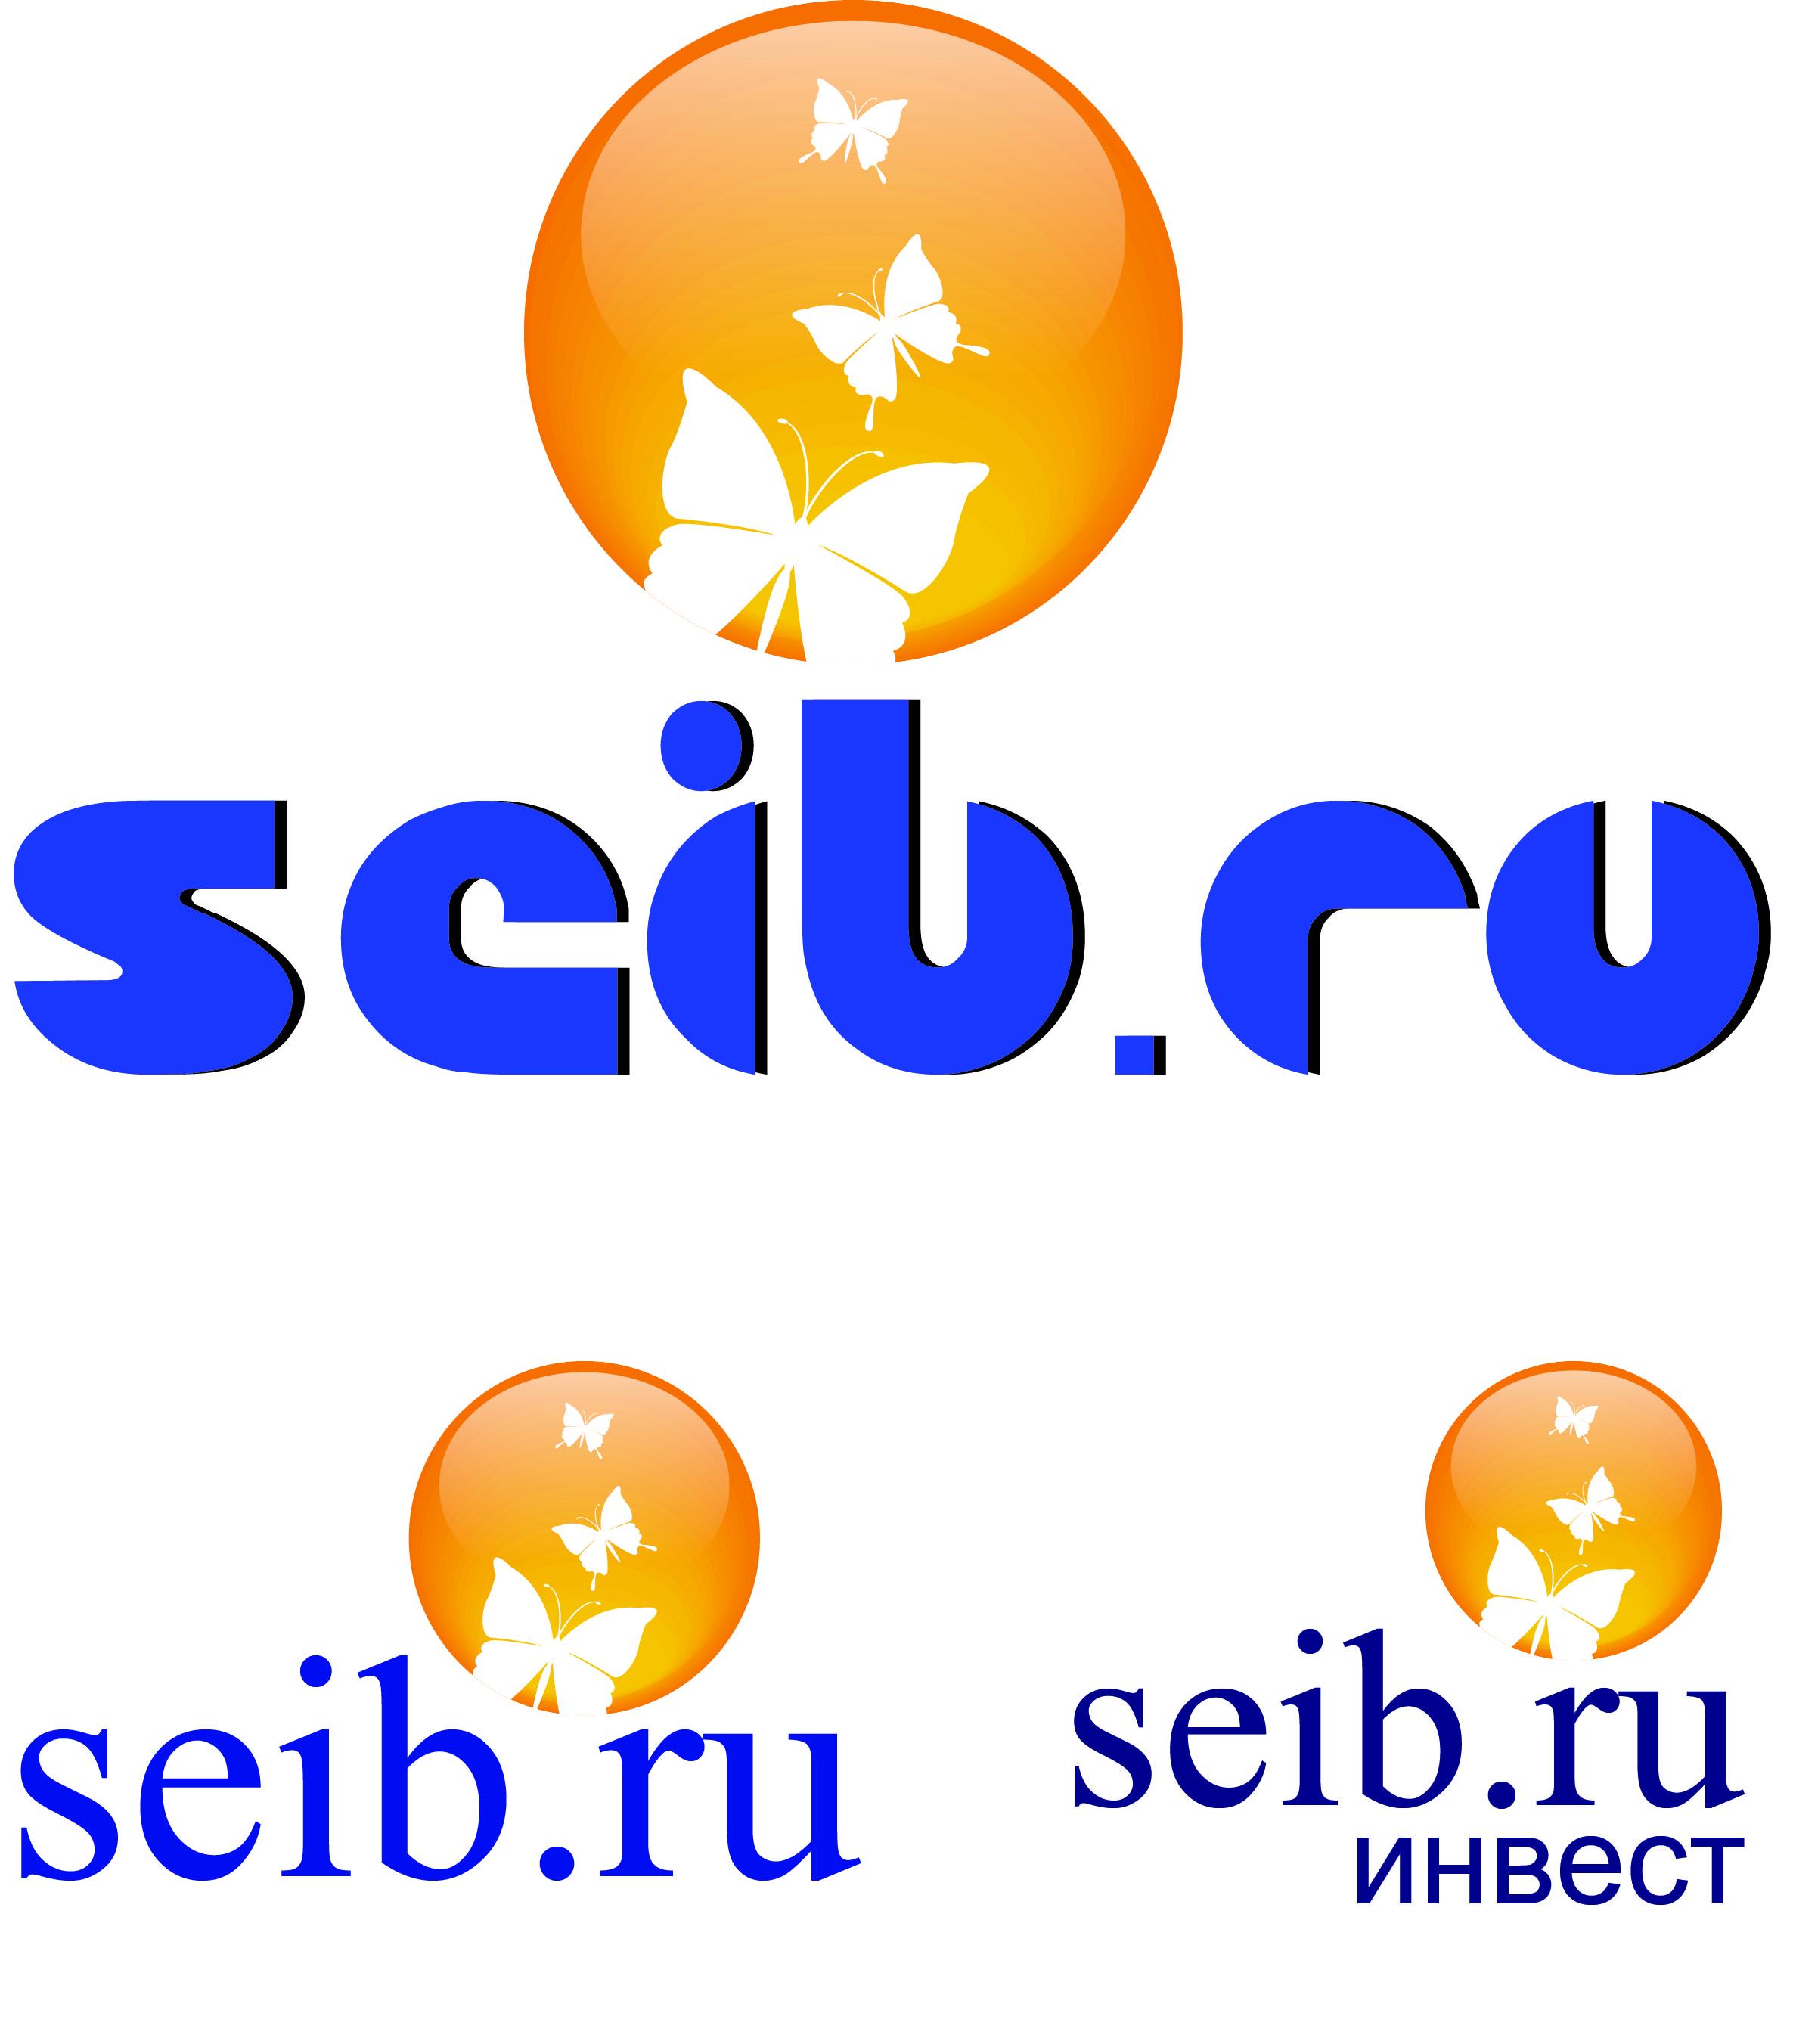 Логотип для инвестиционной компании фото f_161514a97af50a02.jpg